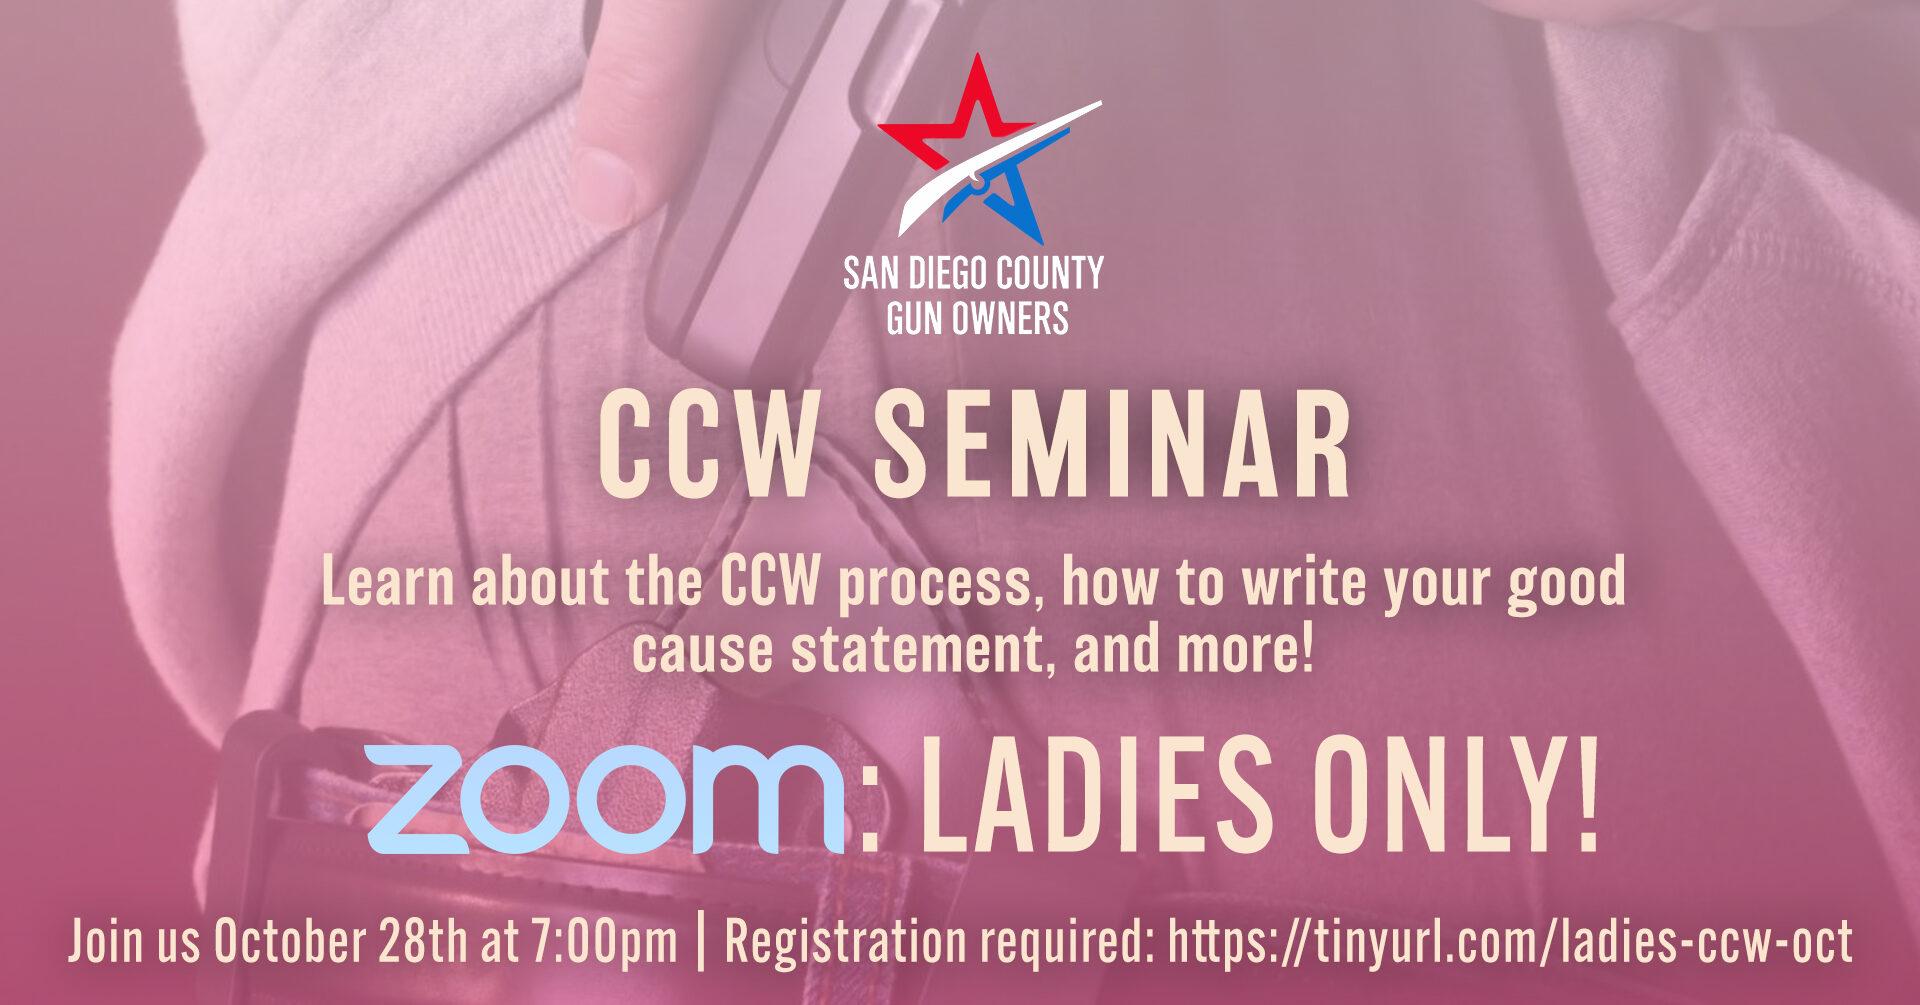 SD_CCW_Oct_Ladies